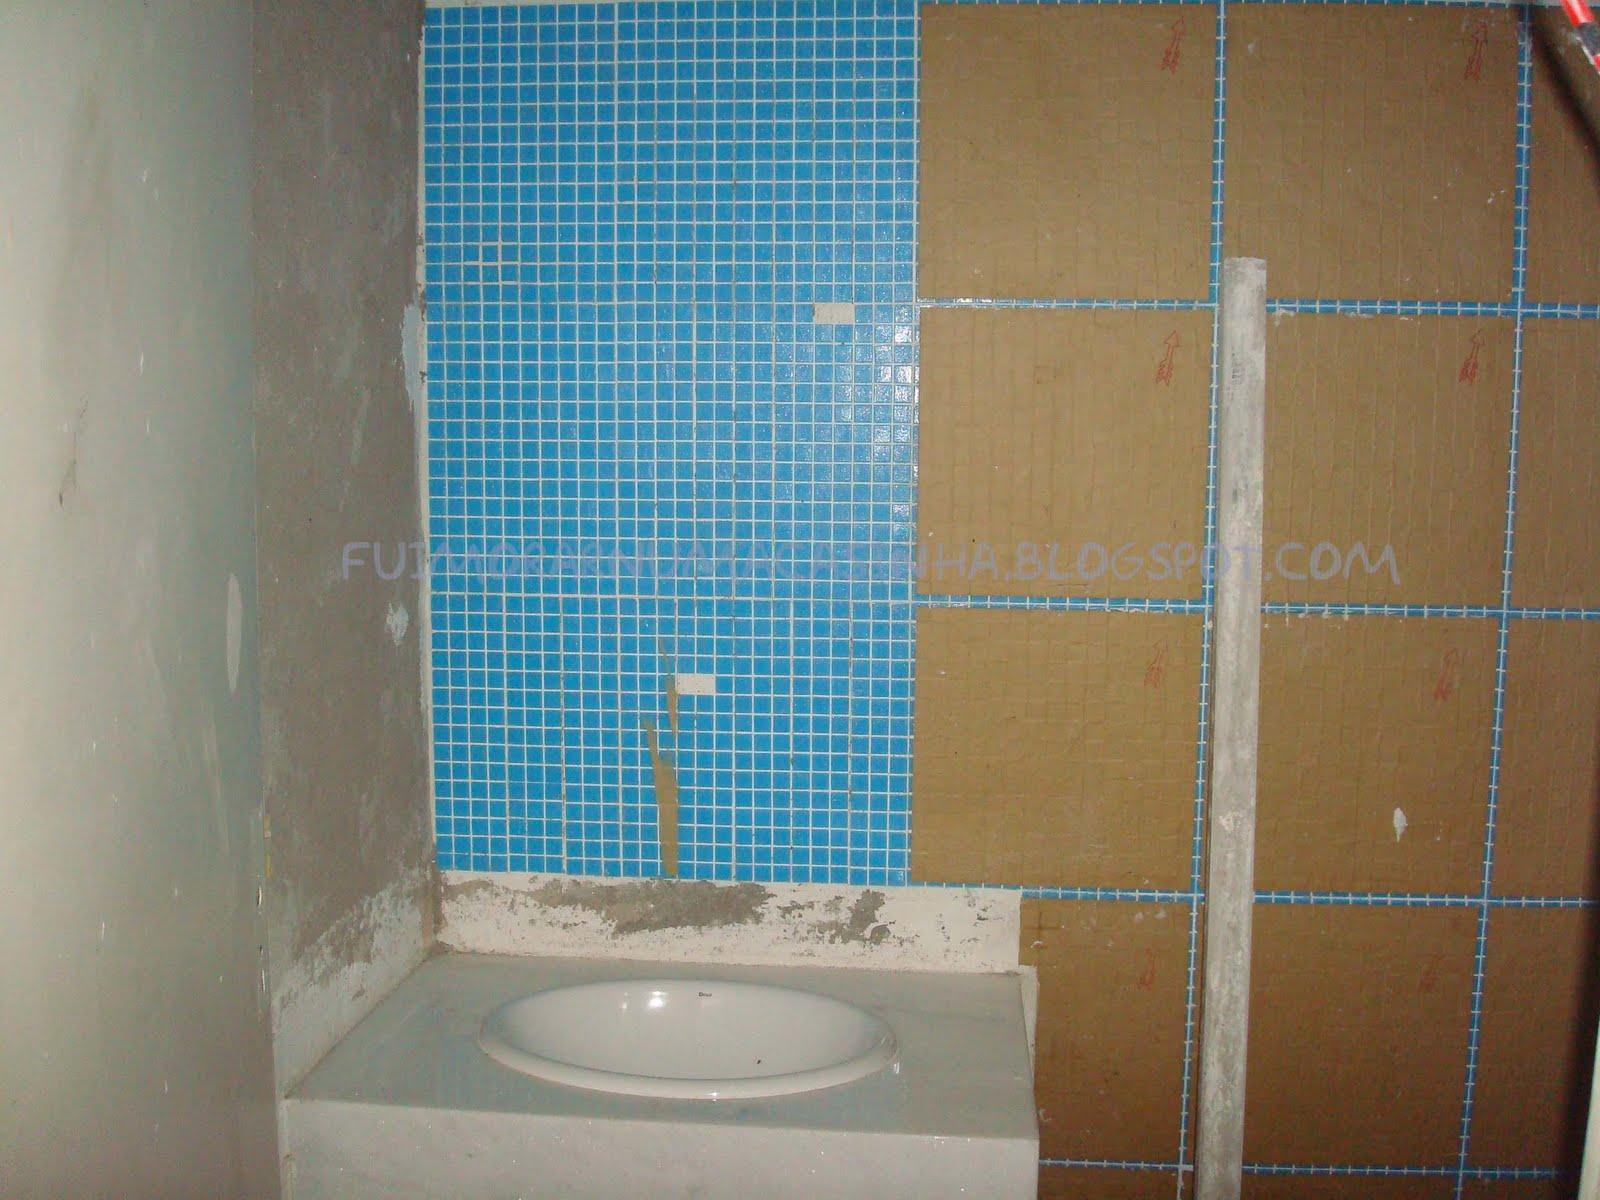 decora o de banheiros com pastilha de vidro #307B9B 1600x1200 Banheiro Com Pastilhas Fotos